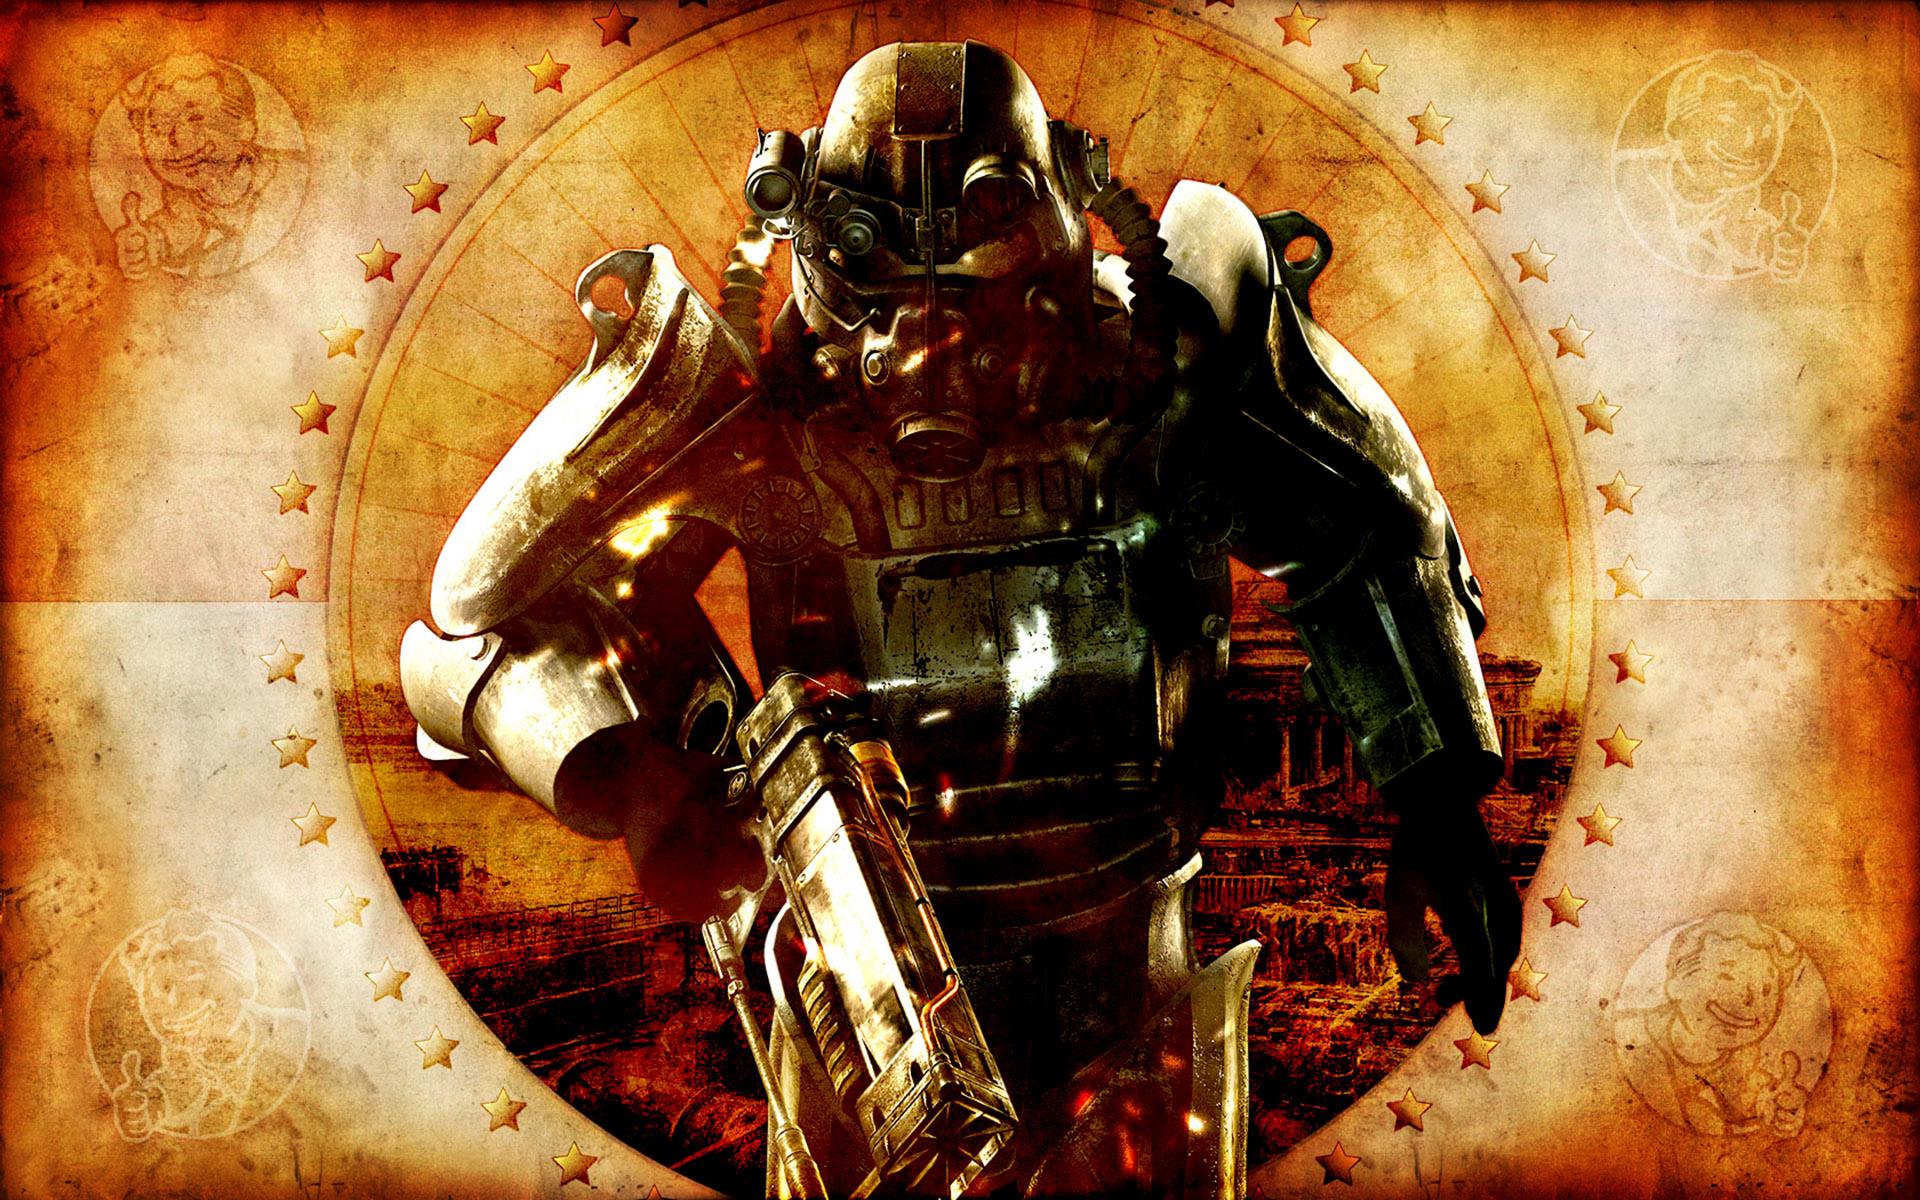 Art - Fallout 3 Арт